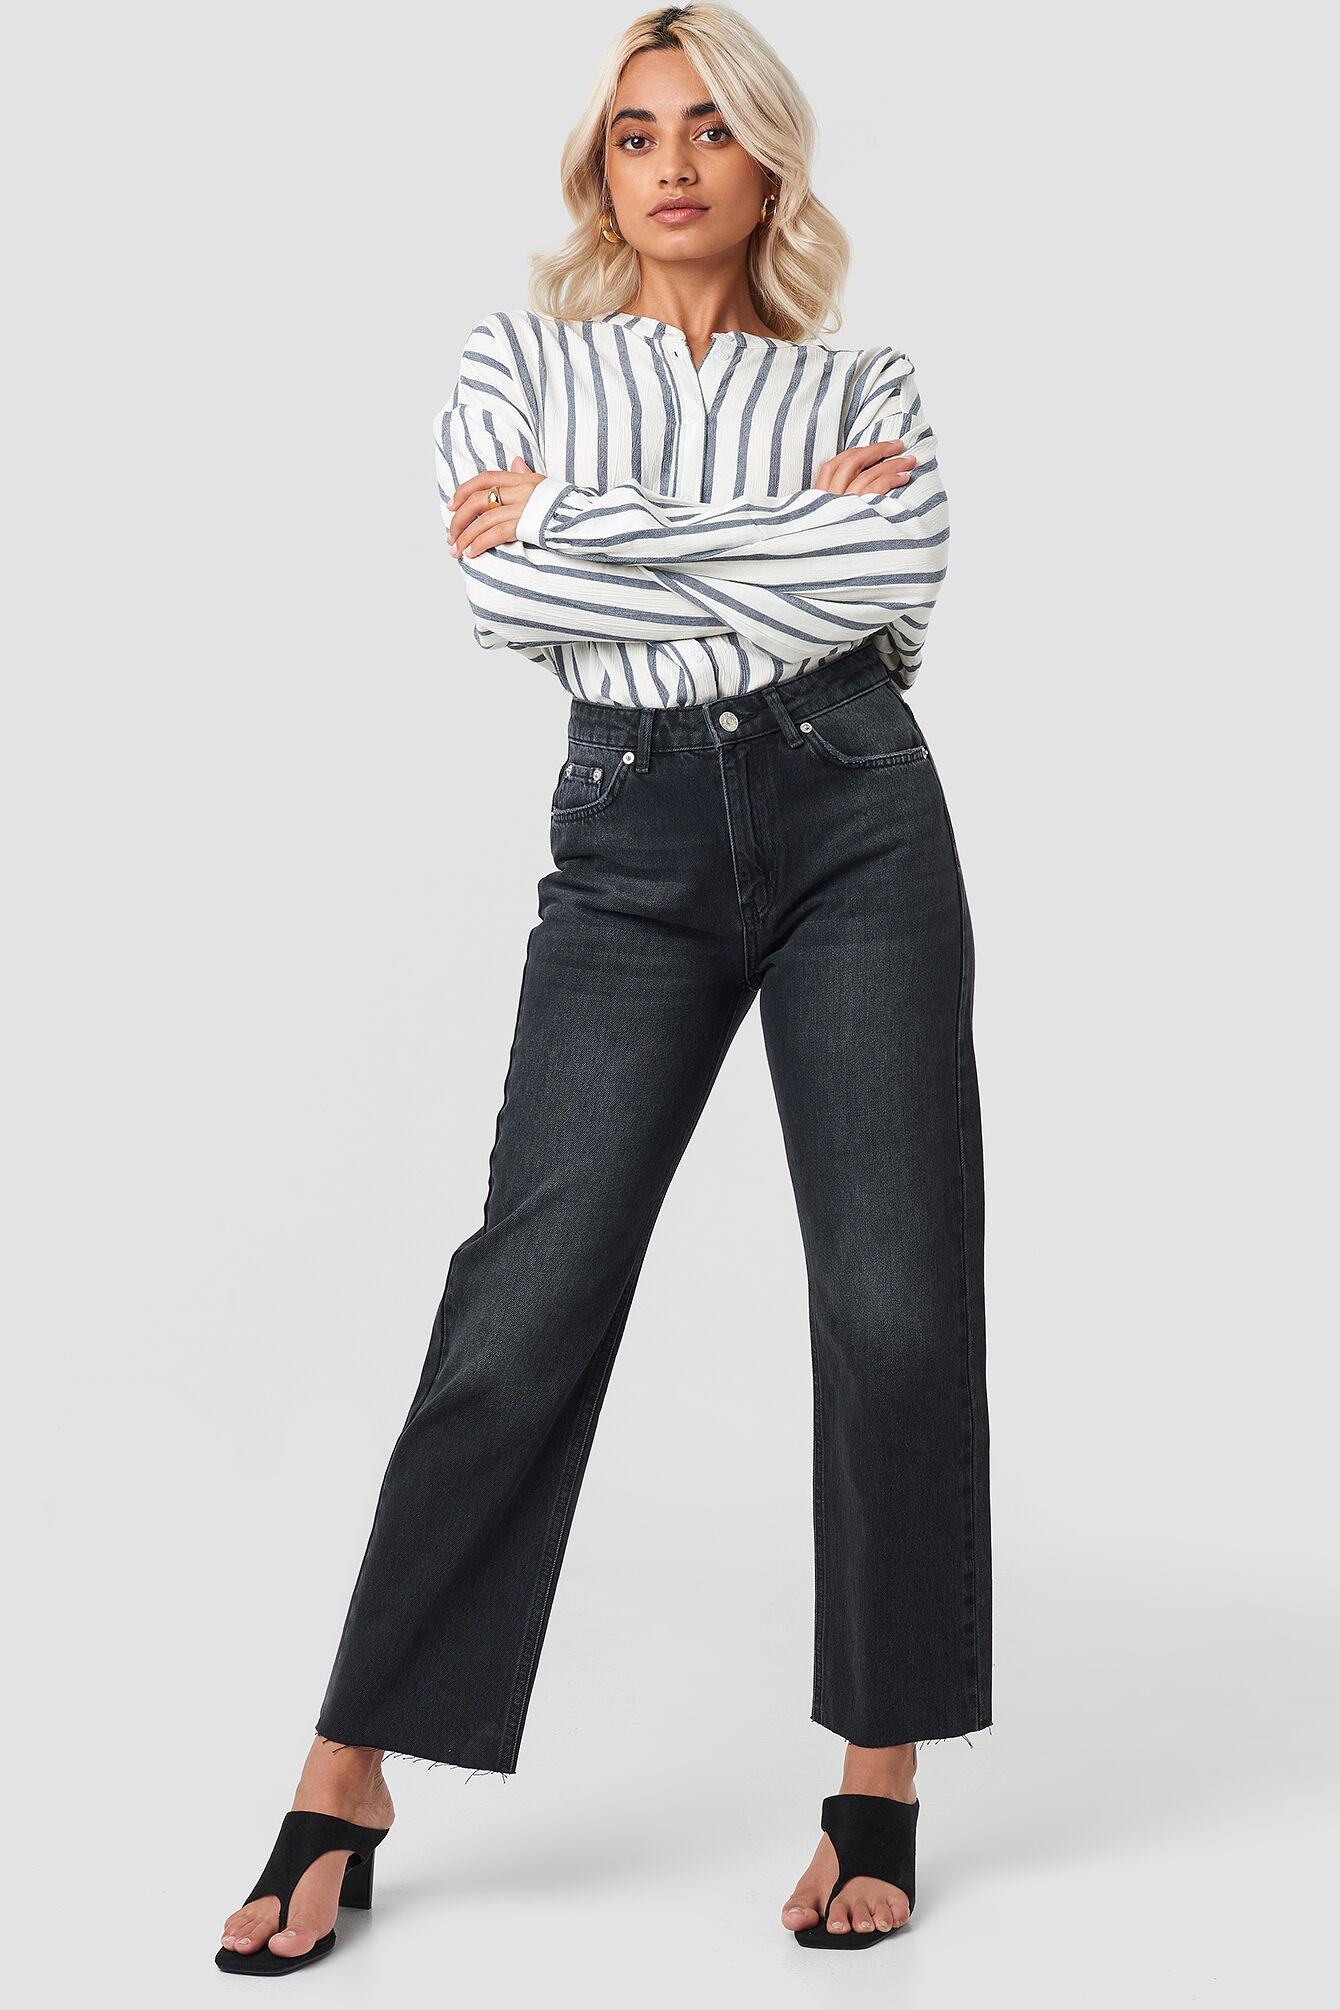 NA-KD Raw Hem Straight Jeans - Black  - Size: EU 32,EU 34,EU 36,EU 38,EU 40,EU 42